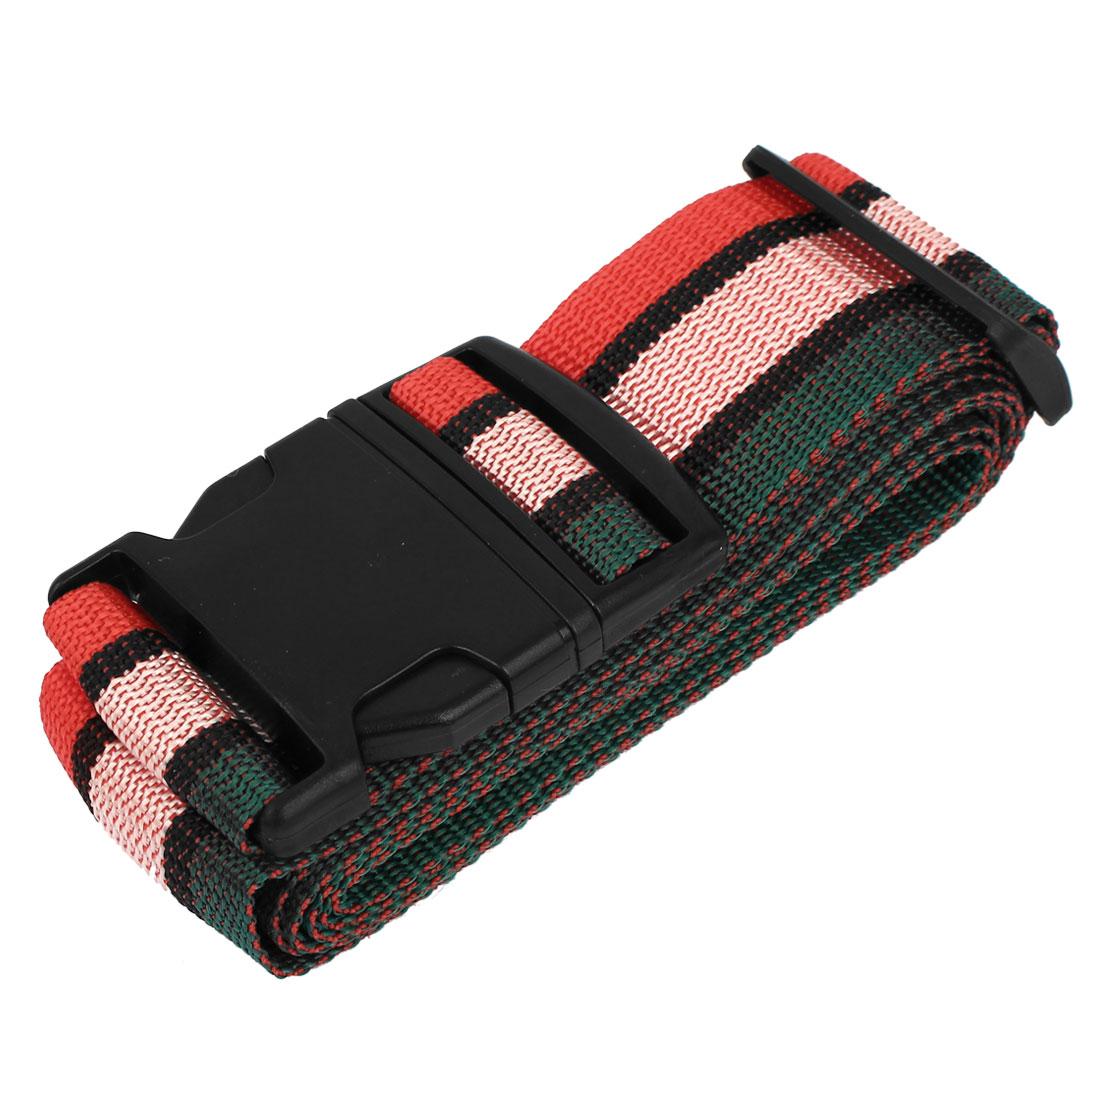 Stripe Pattern Side Release Buckle Luggage Suitcase Backpack Baggage Adjustable Belt Strap 2M